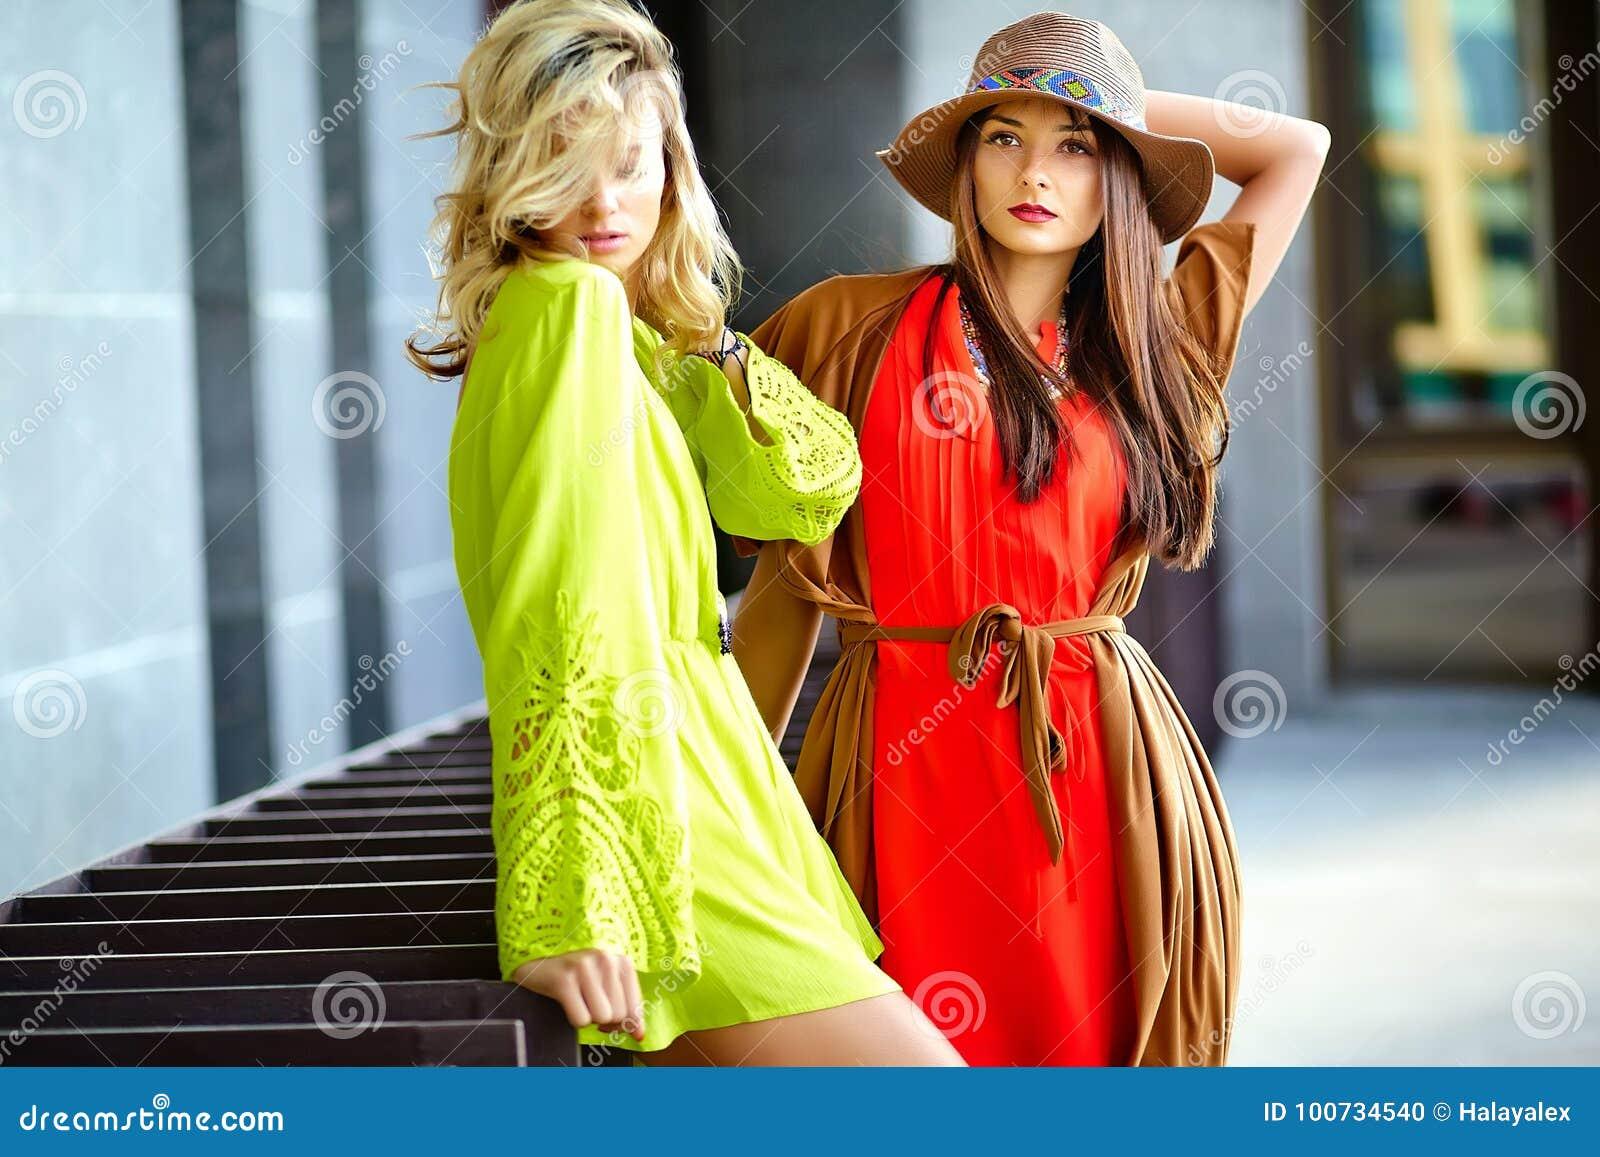 eab00efc6 Dos Mujeres Jovenes Del Hippie Modelan En Ropa Colorida Brillante ...